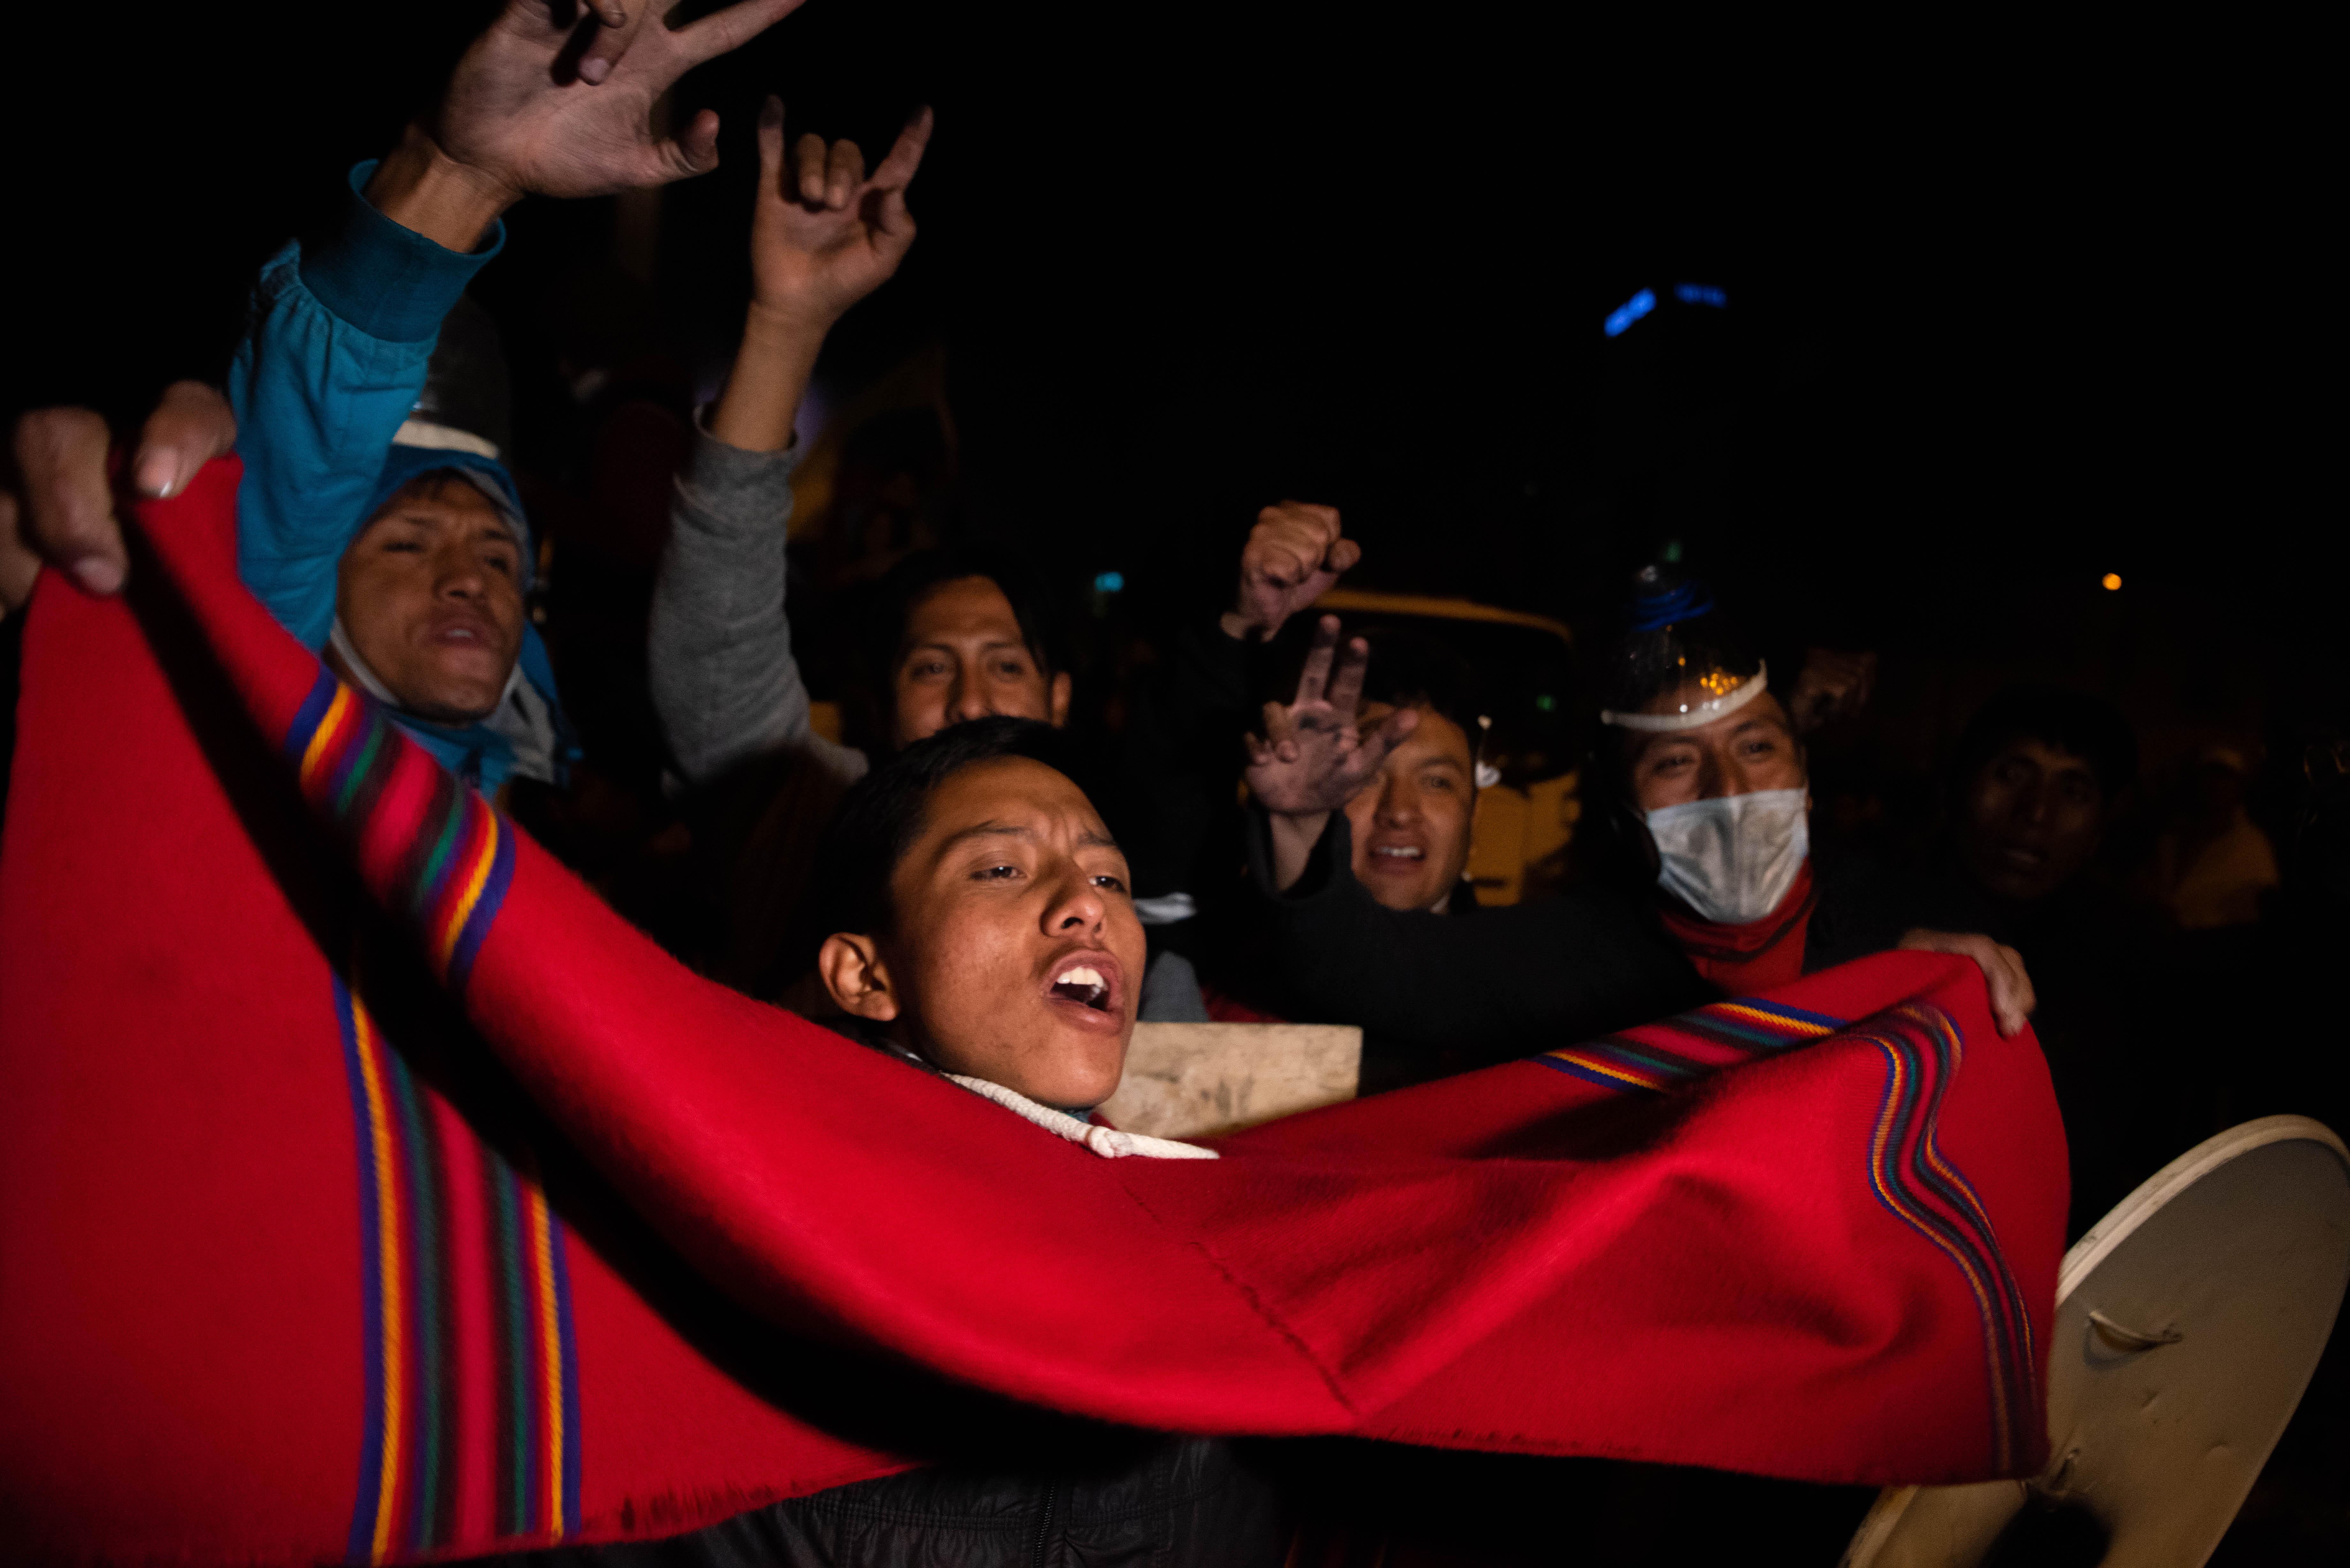 Un joven celebra en las calles de Quito con un poncho rojo.